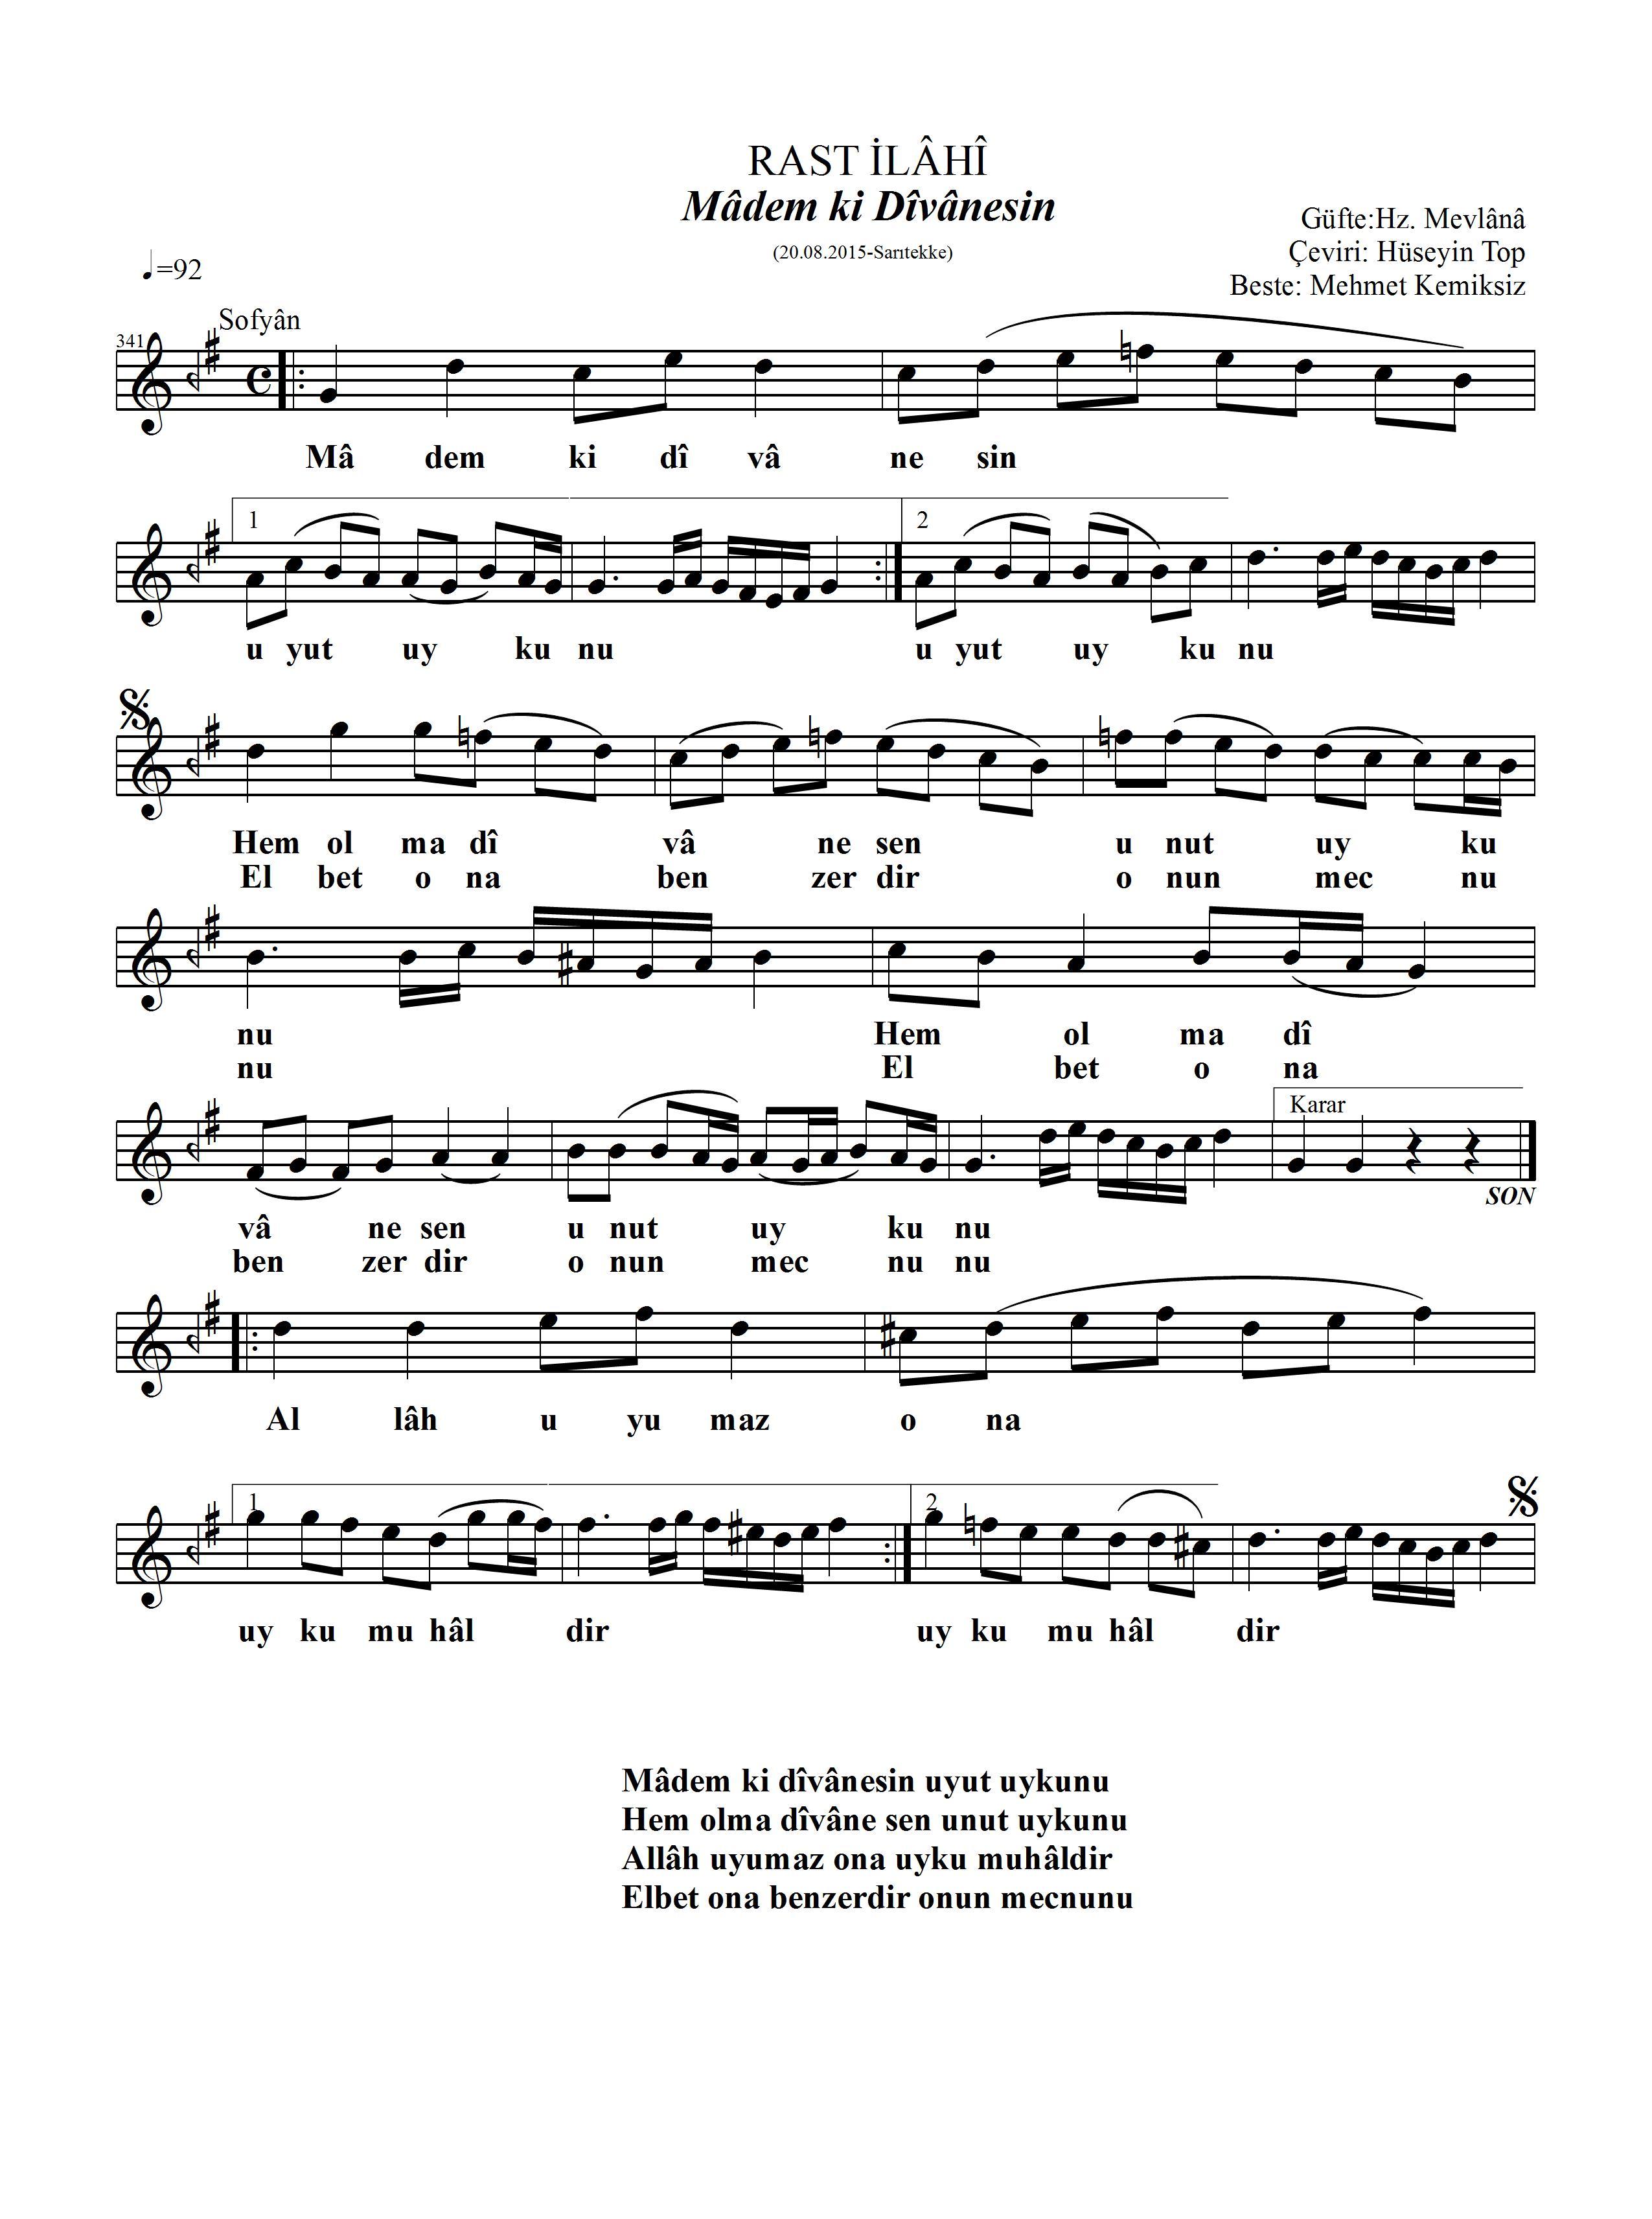 341-Rast-MademkiDivanesin